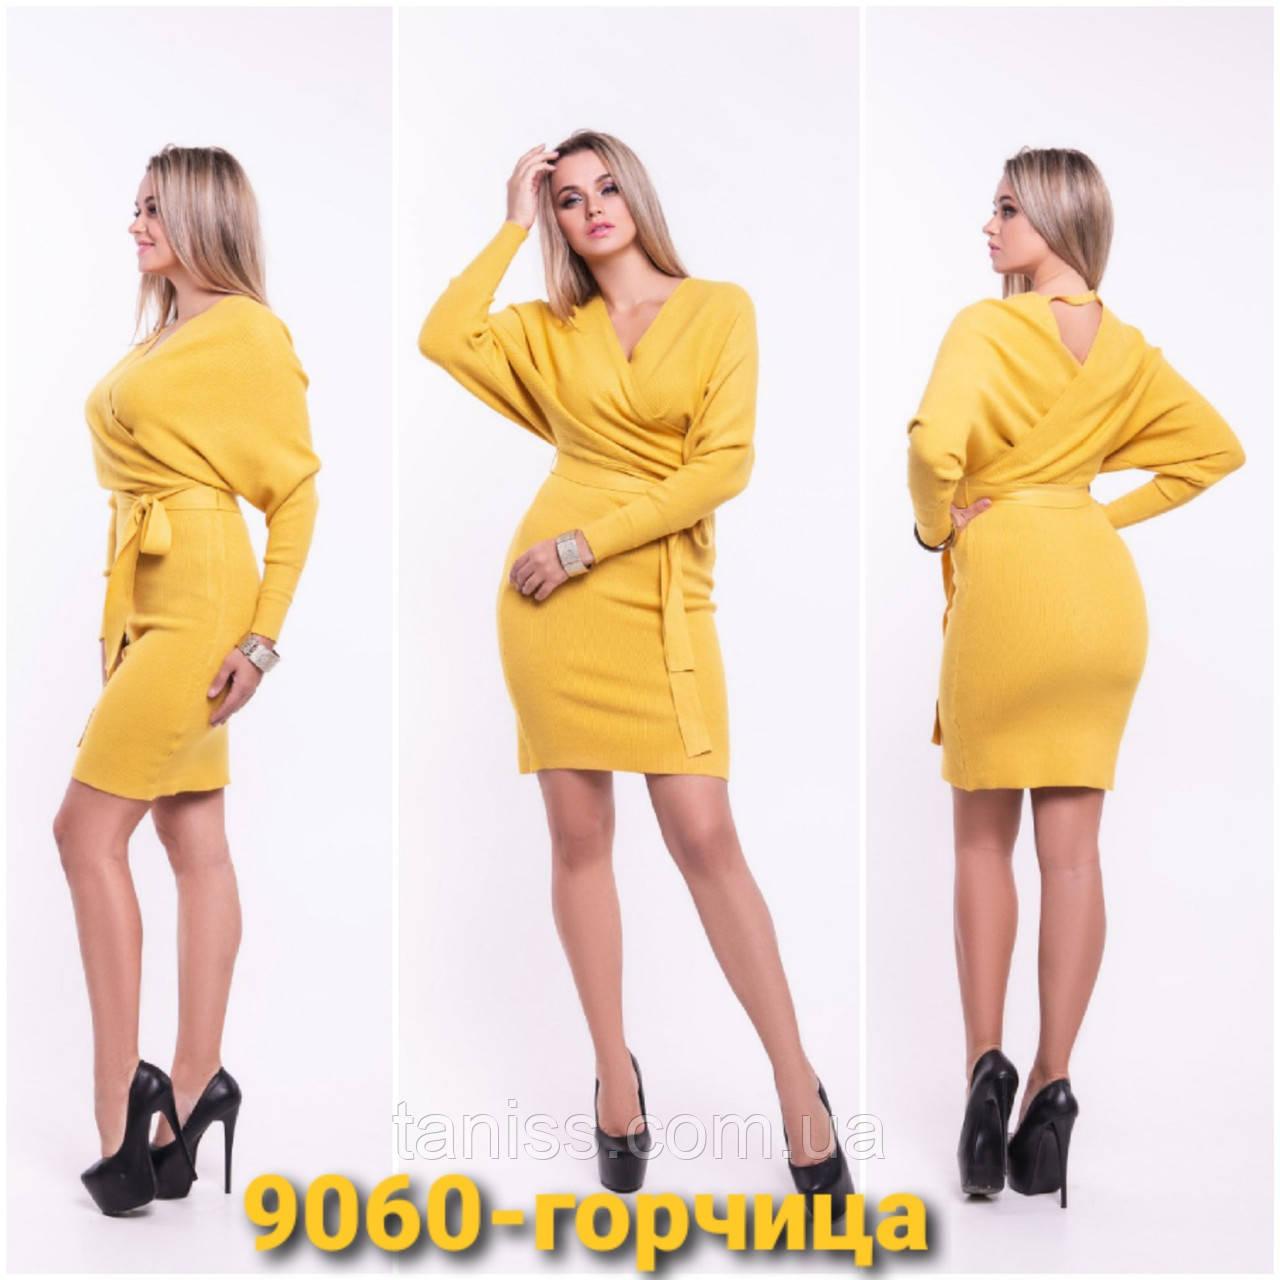 Жіноче плаття тепле, р-р 42-48 уні, кашеміровий трикотаж, гірчичний